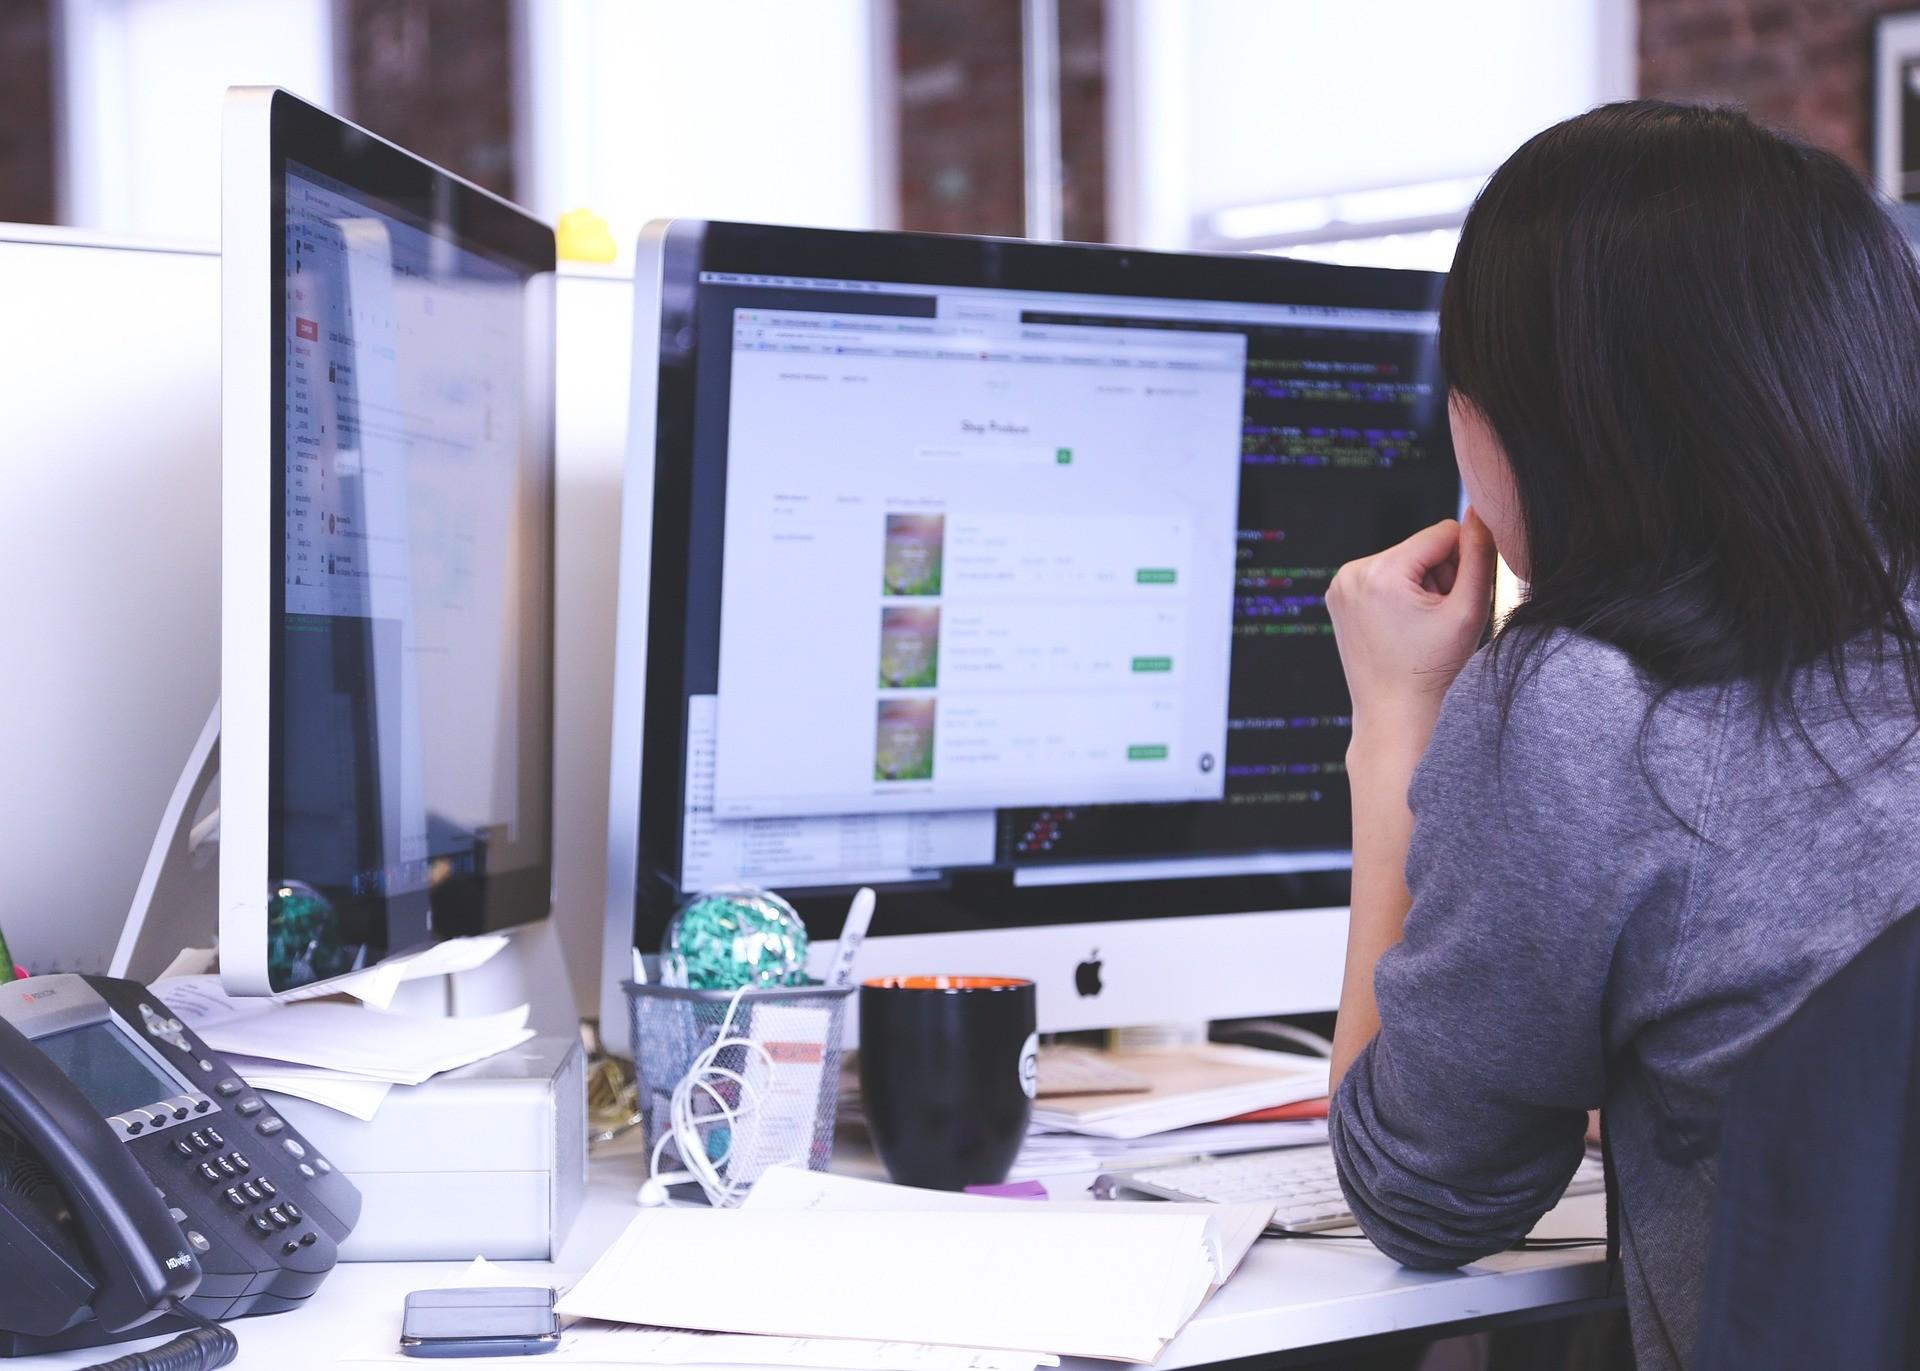 ▲學生,工程師,工作,辦公室,忙碌,電腦,上班族,OL。(圖/pixabay)